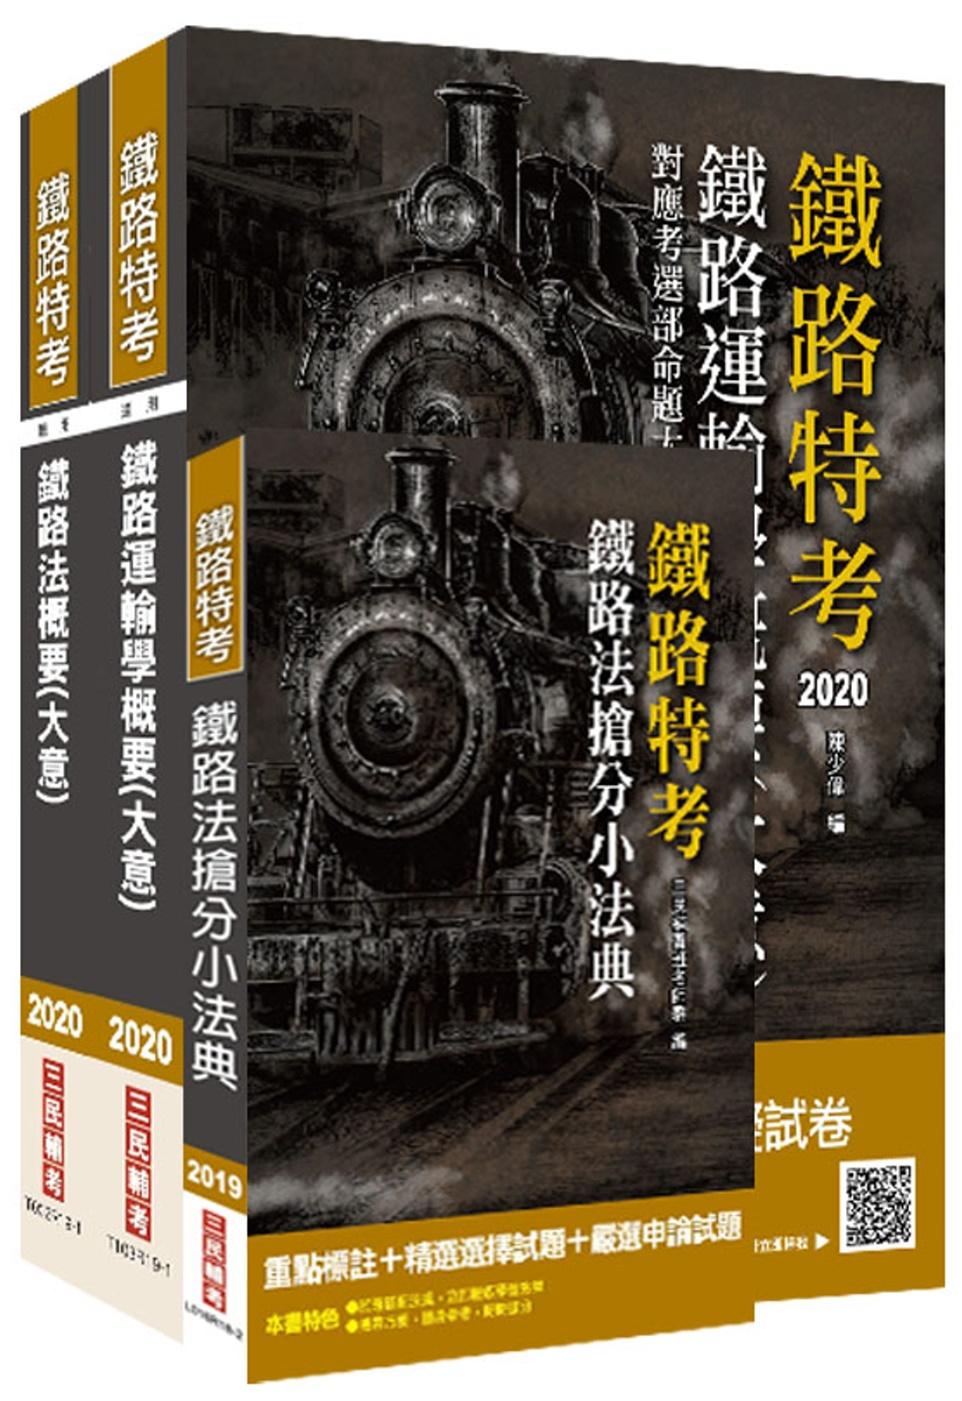 2020年臺灣鐵路管理局營運人員甄試[營運員-運務]套書(贈鐵路法搶分小法典)